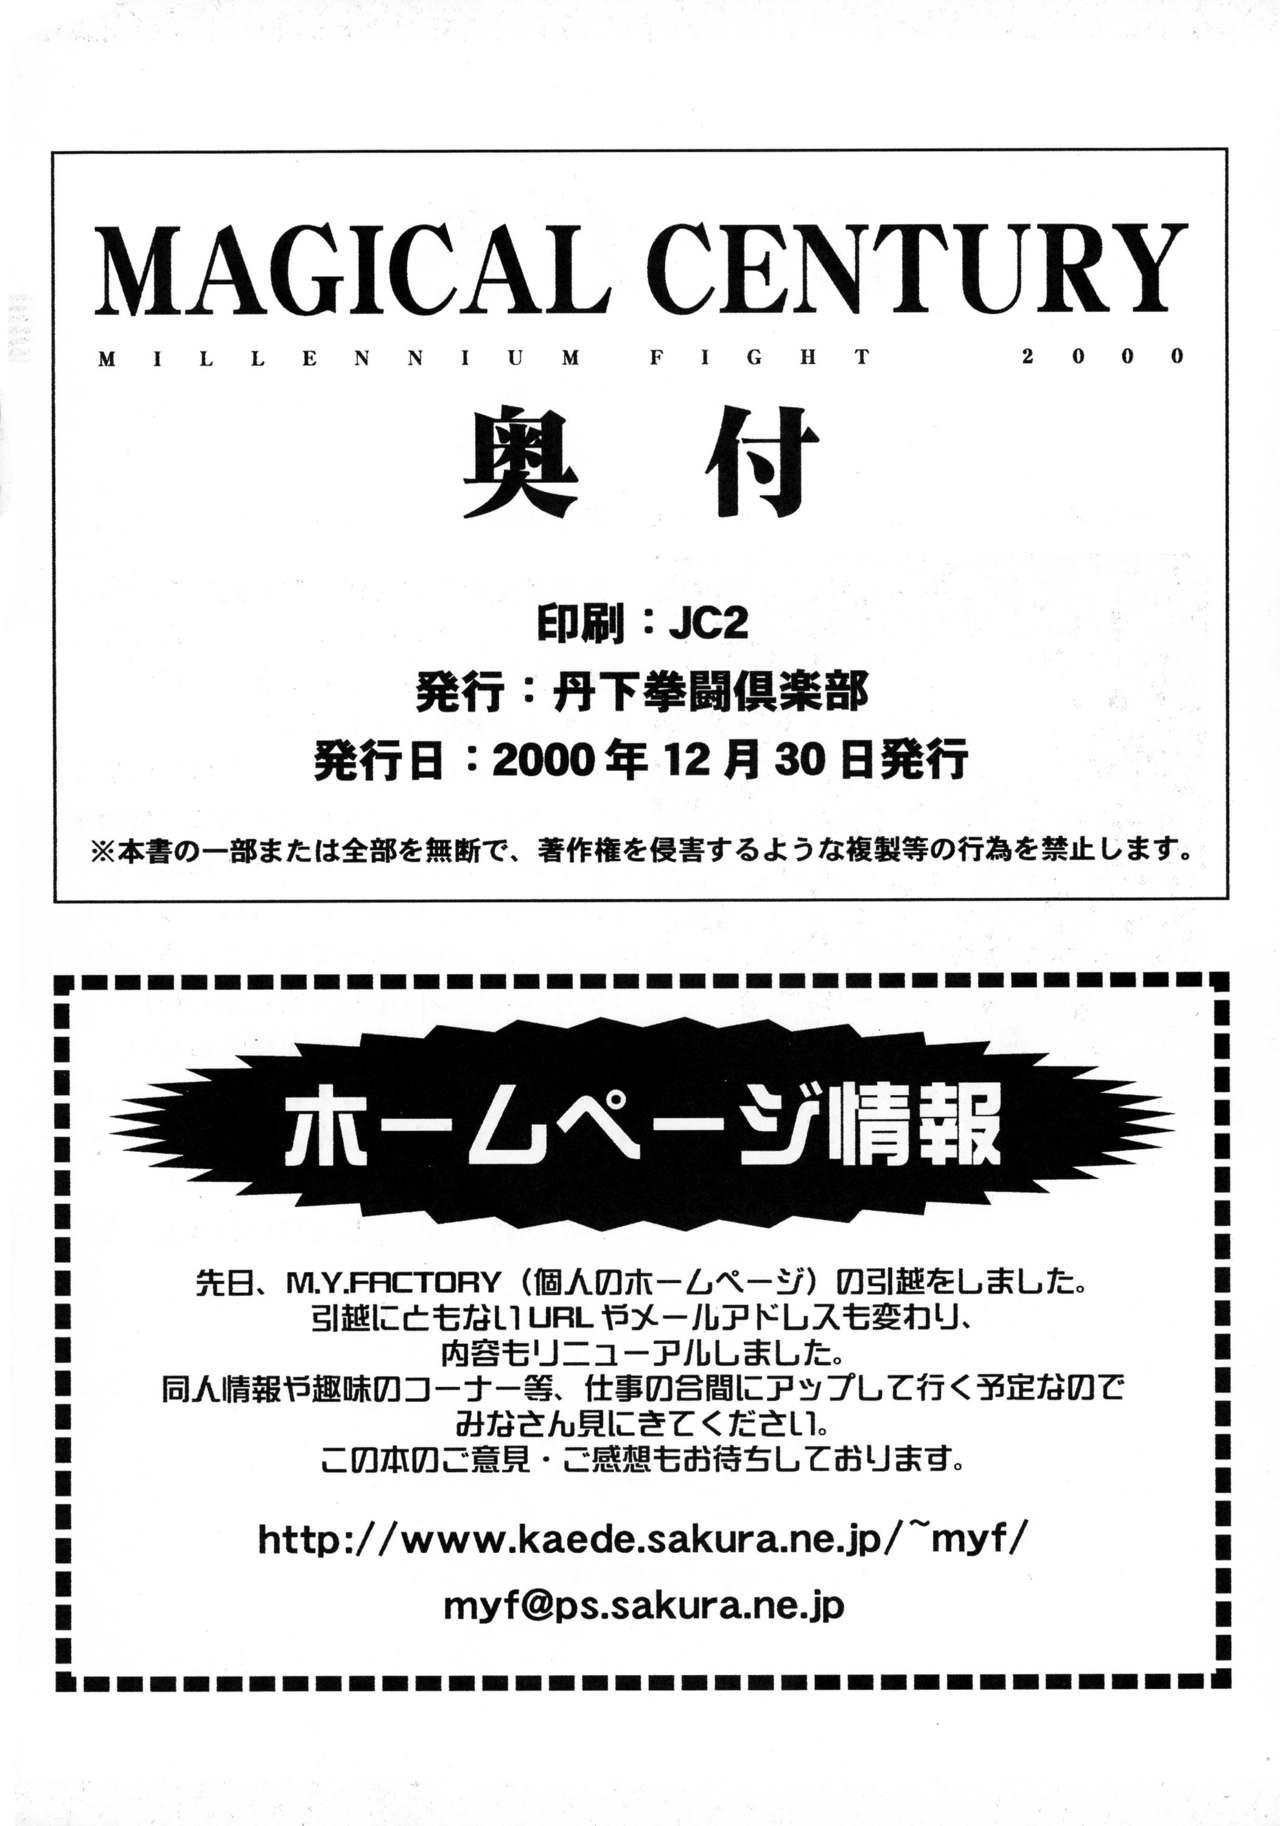 MAGICAL CENTURY 37